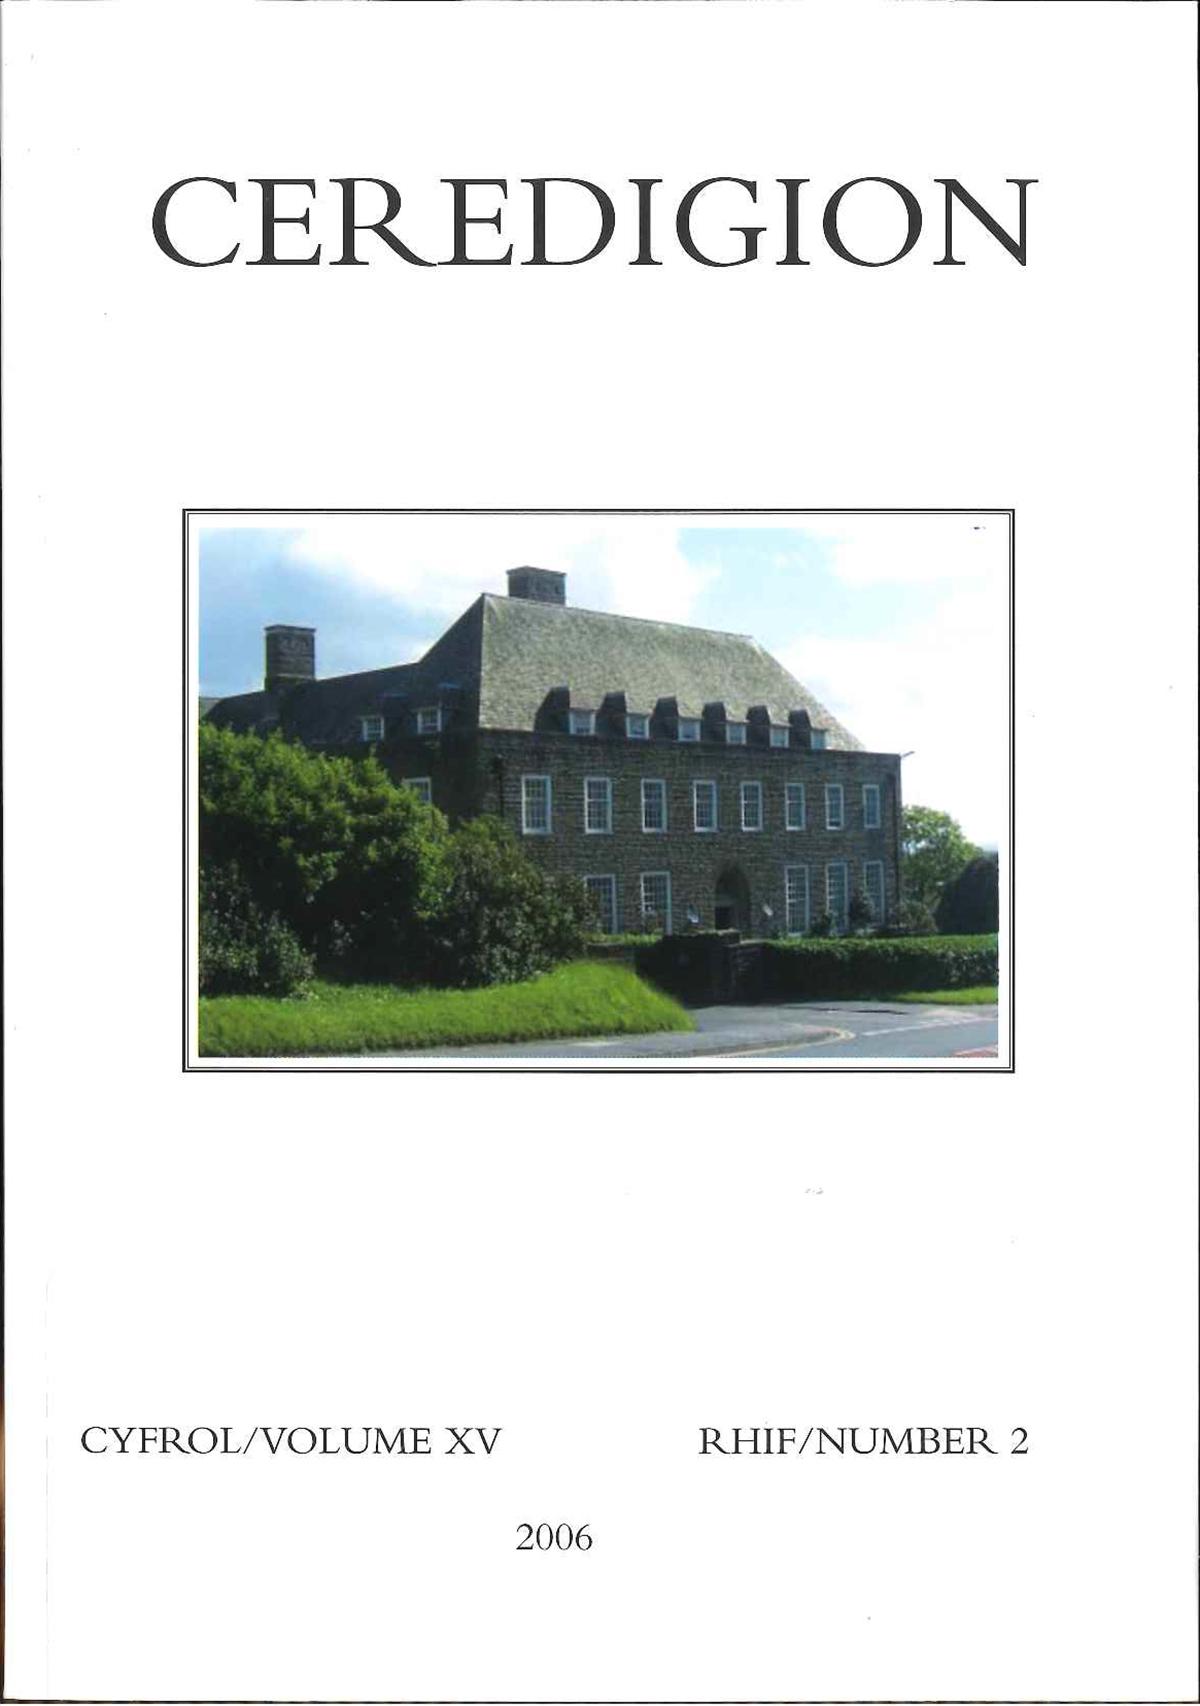 Ceredigion - Cylchgrawn Cymdeithas Hanes Ceredigion, Cyfrol XV, Rhifyn 2, 2006